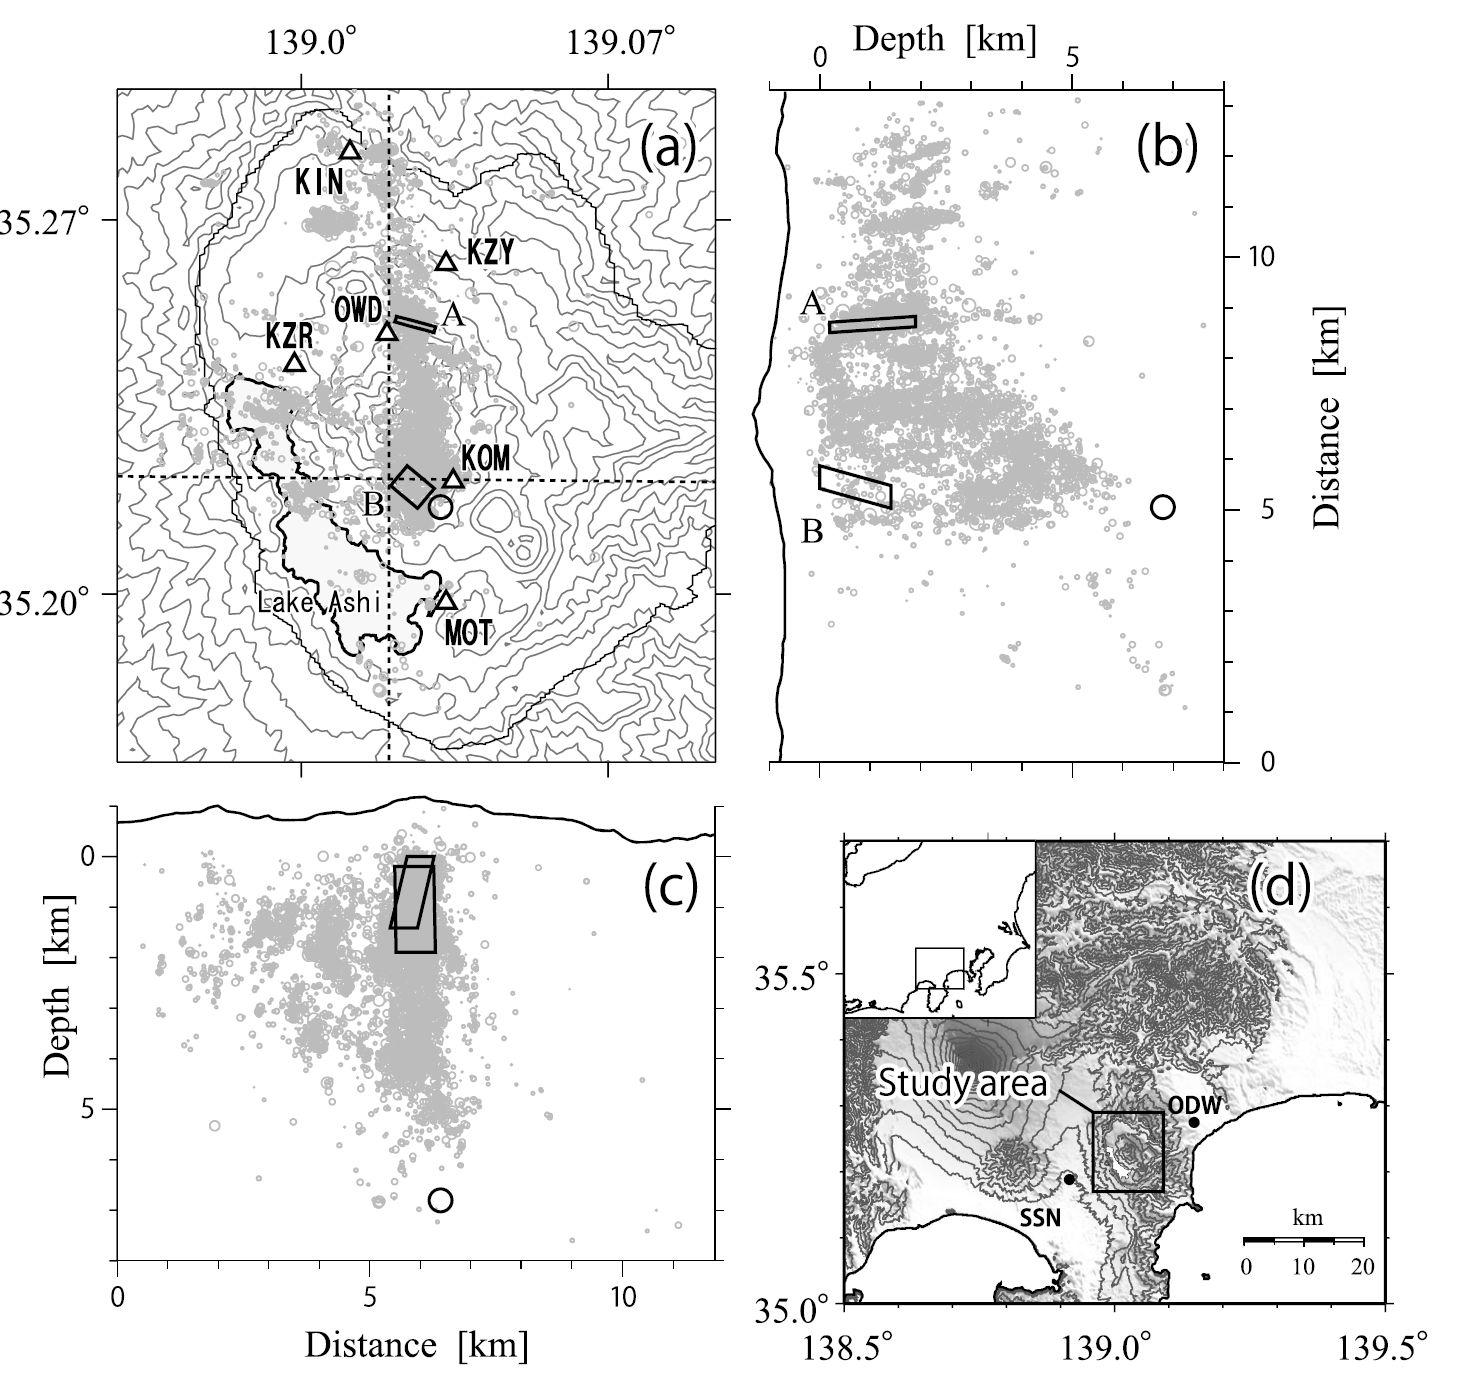 解析対象期間の震源分布と、2001年の活動の際に推定された開口クラックの位置